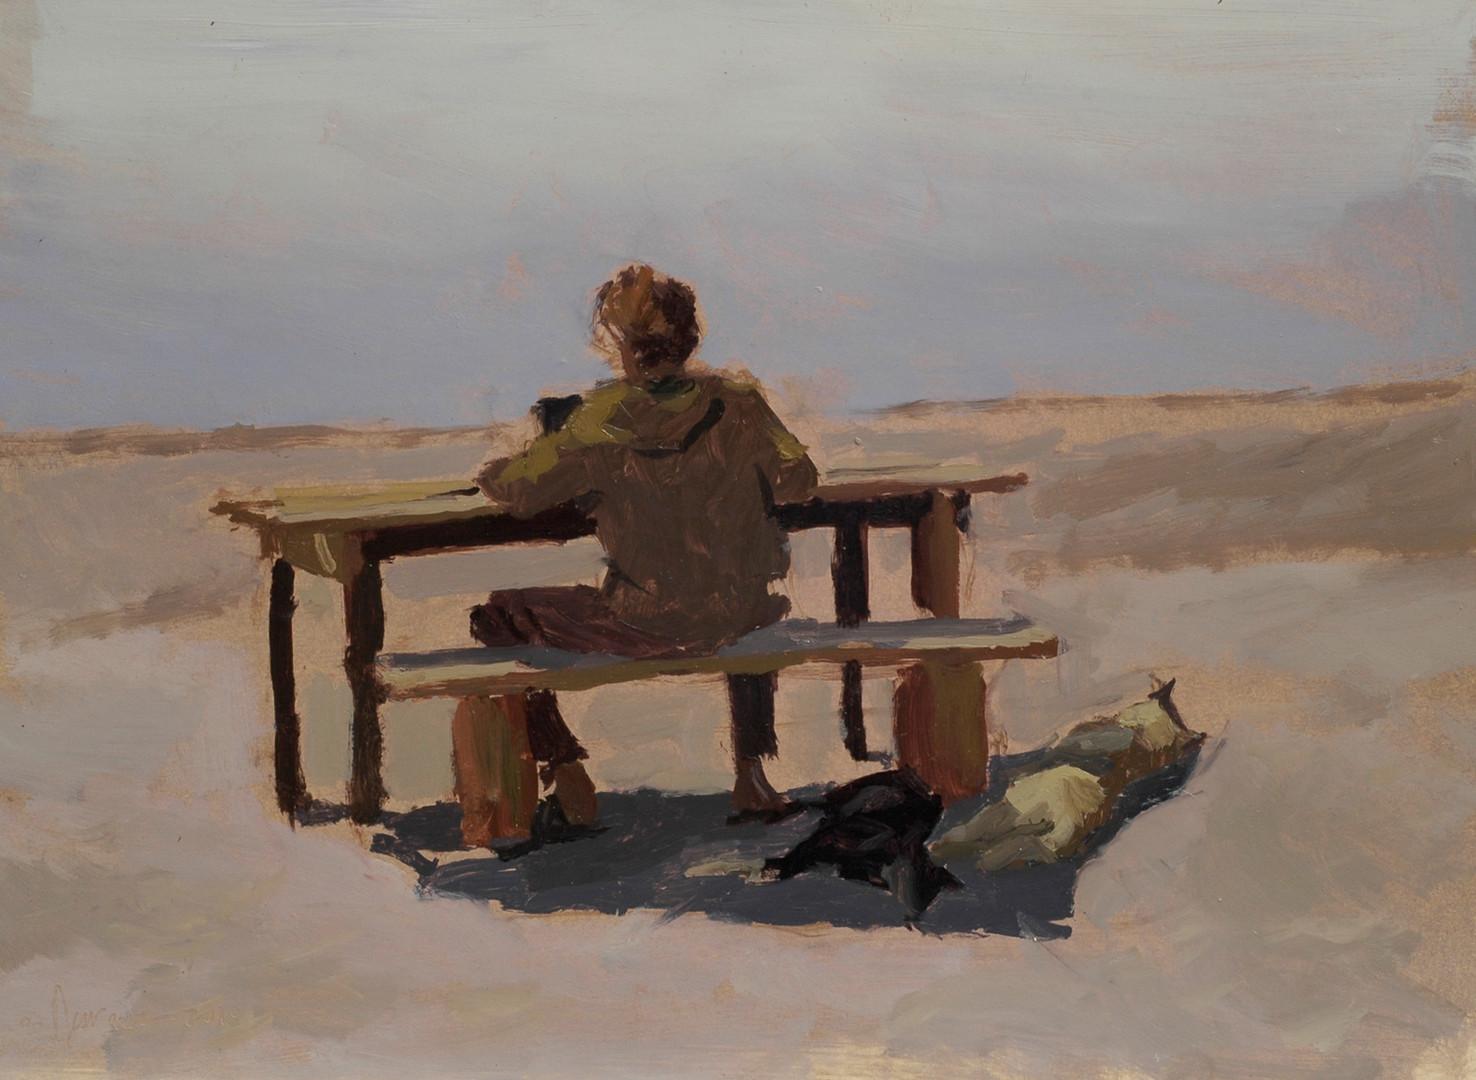 Sylvain Tesson - Ecrire face au lac, huile sur papier, 30x40cm, 2010